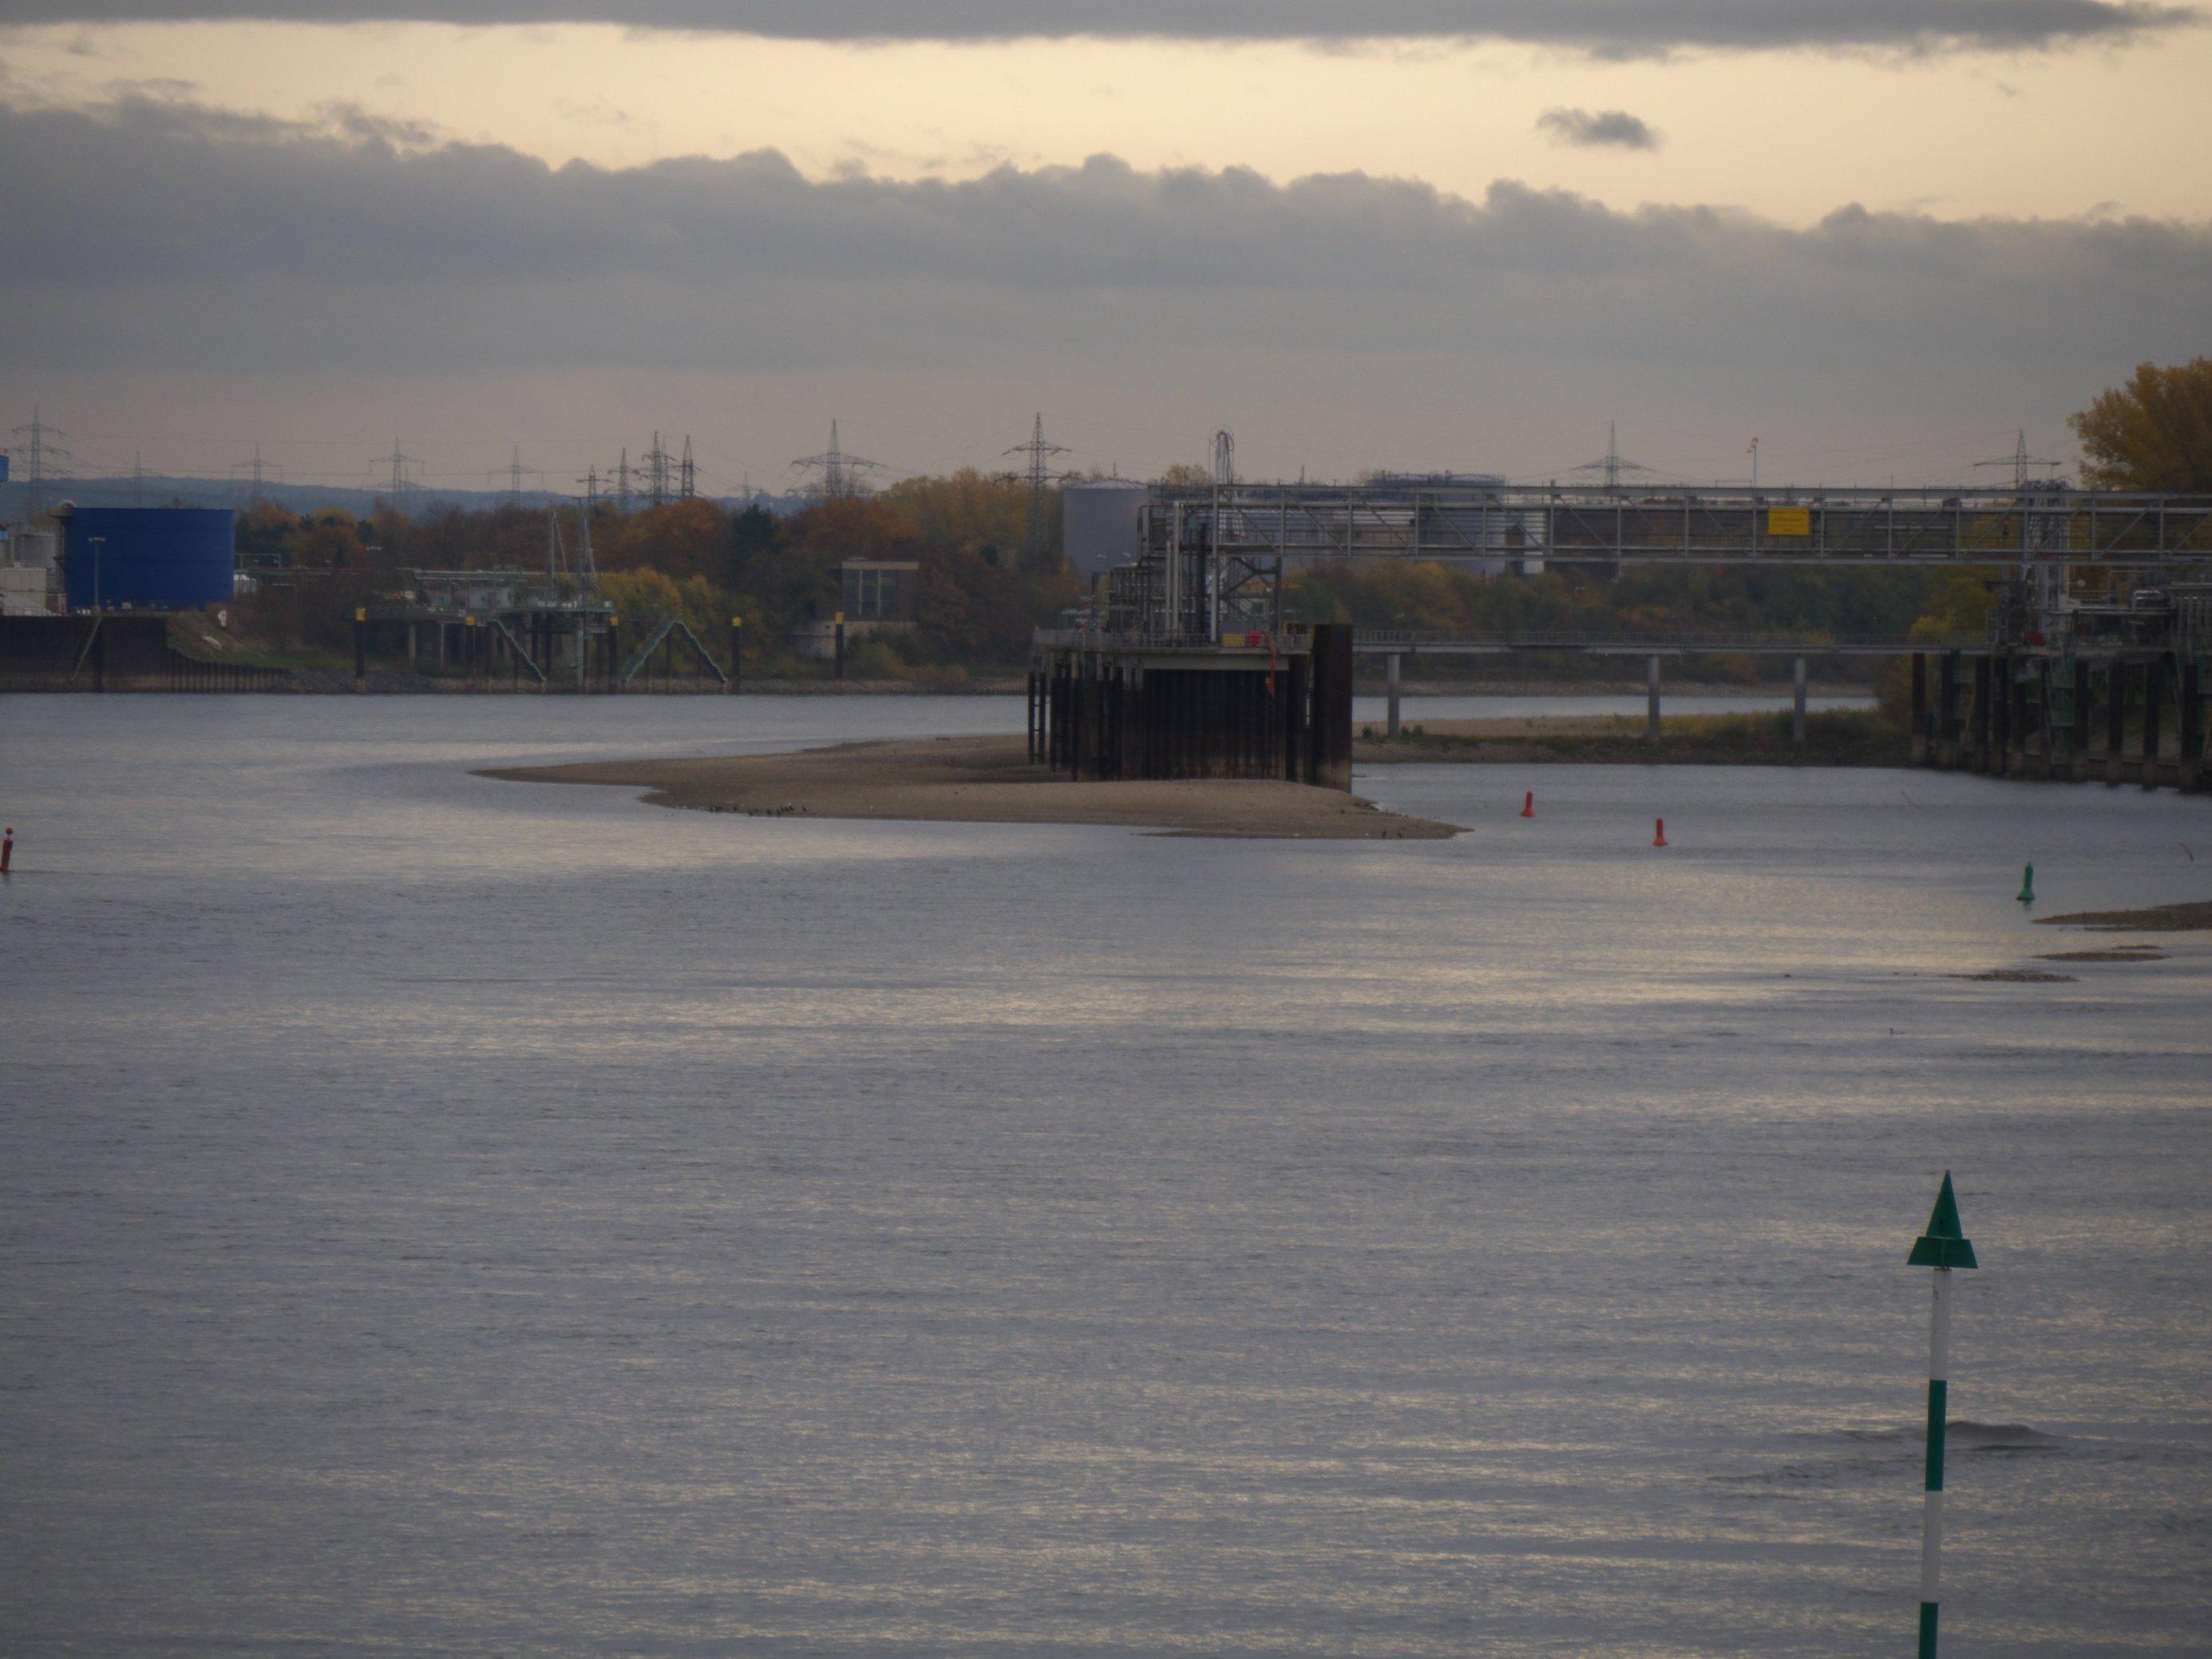 Hafenmole mit vielen Rohrleitungen steht frei auf einer Kiesbak in einem Fluss. In Hintergrund sind der Fluss, Strommasten, große Tanks und eine weitere Anlegestelle zu erkennen.